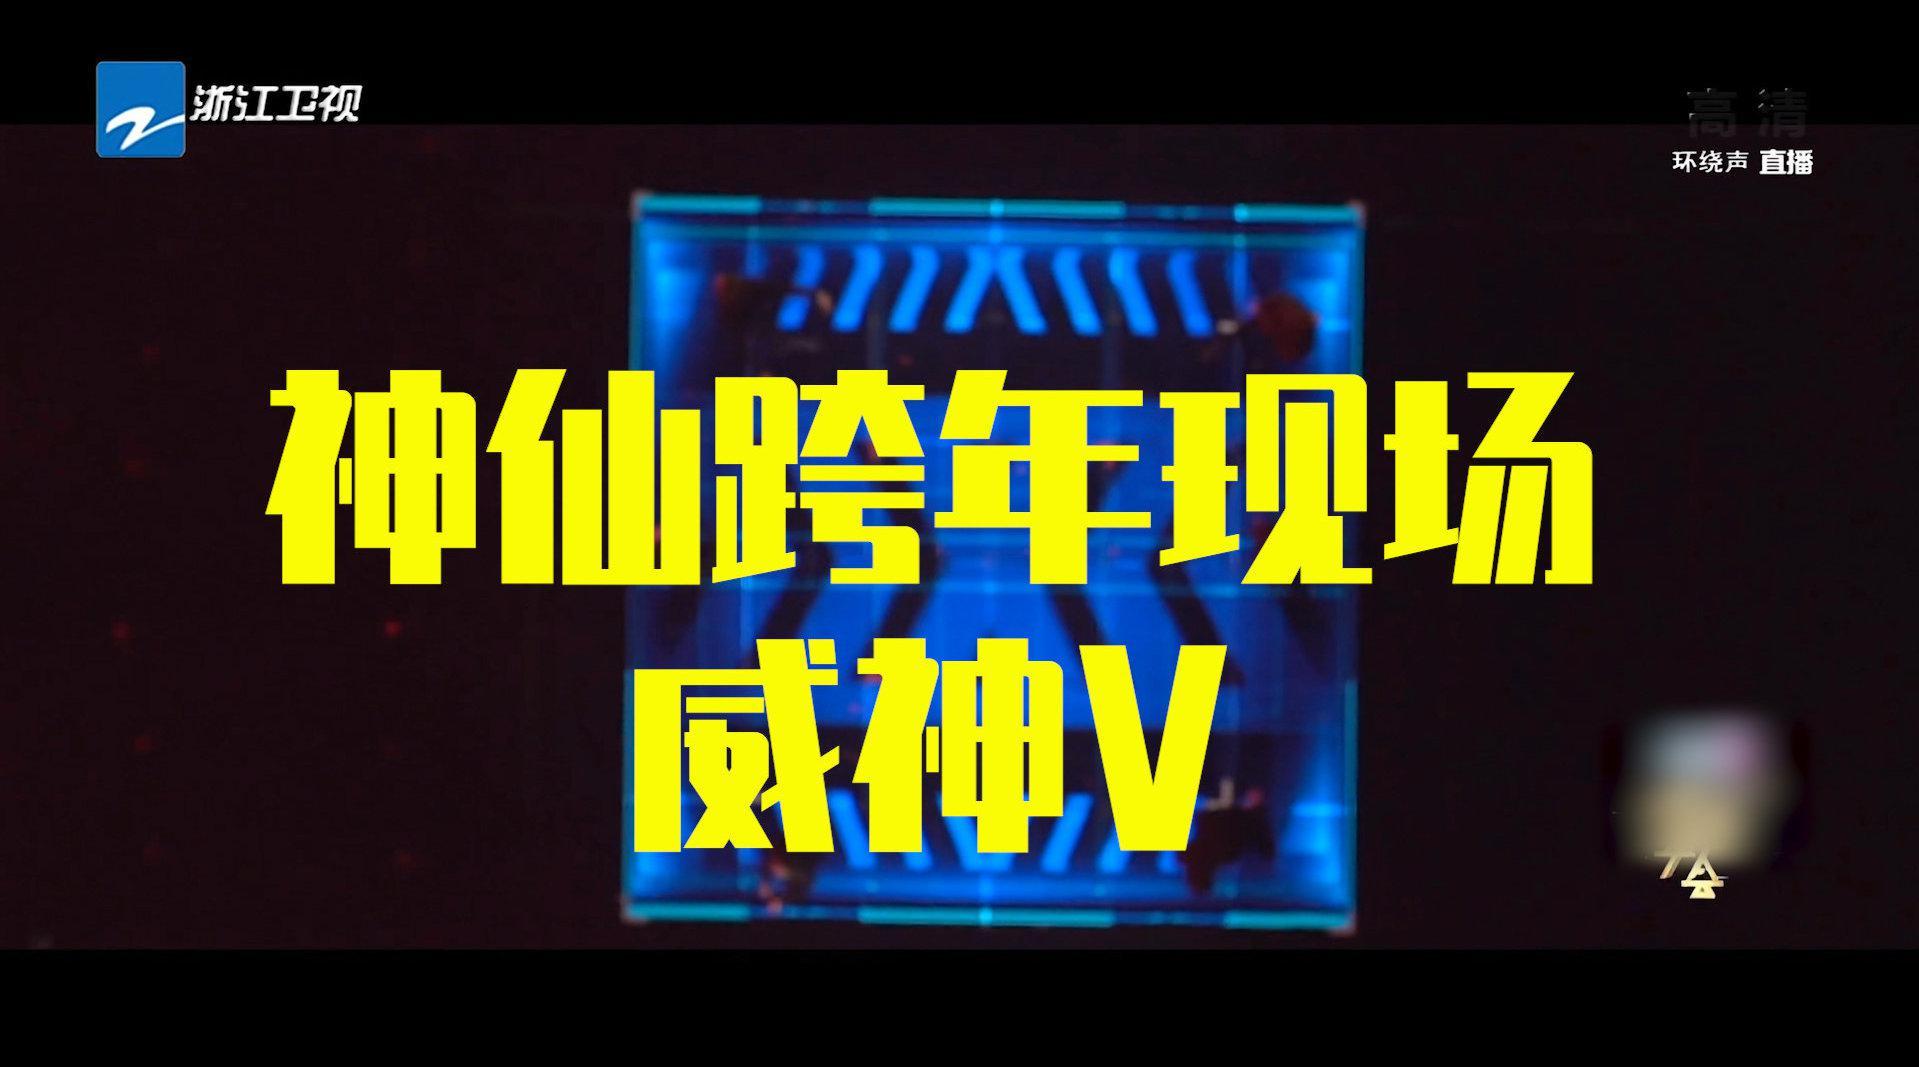 威神v这个团,实力怎样都在这个秀里,少了主舞TEN李永钦…………